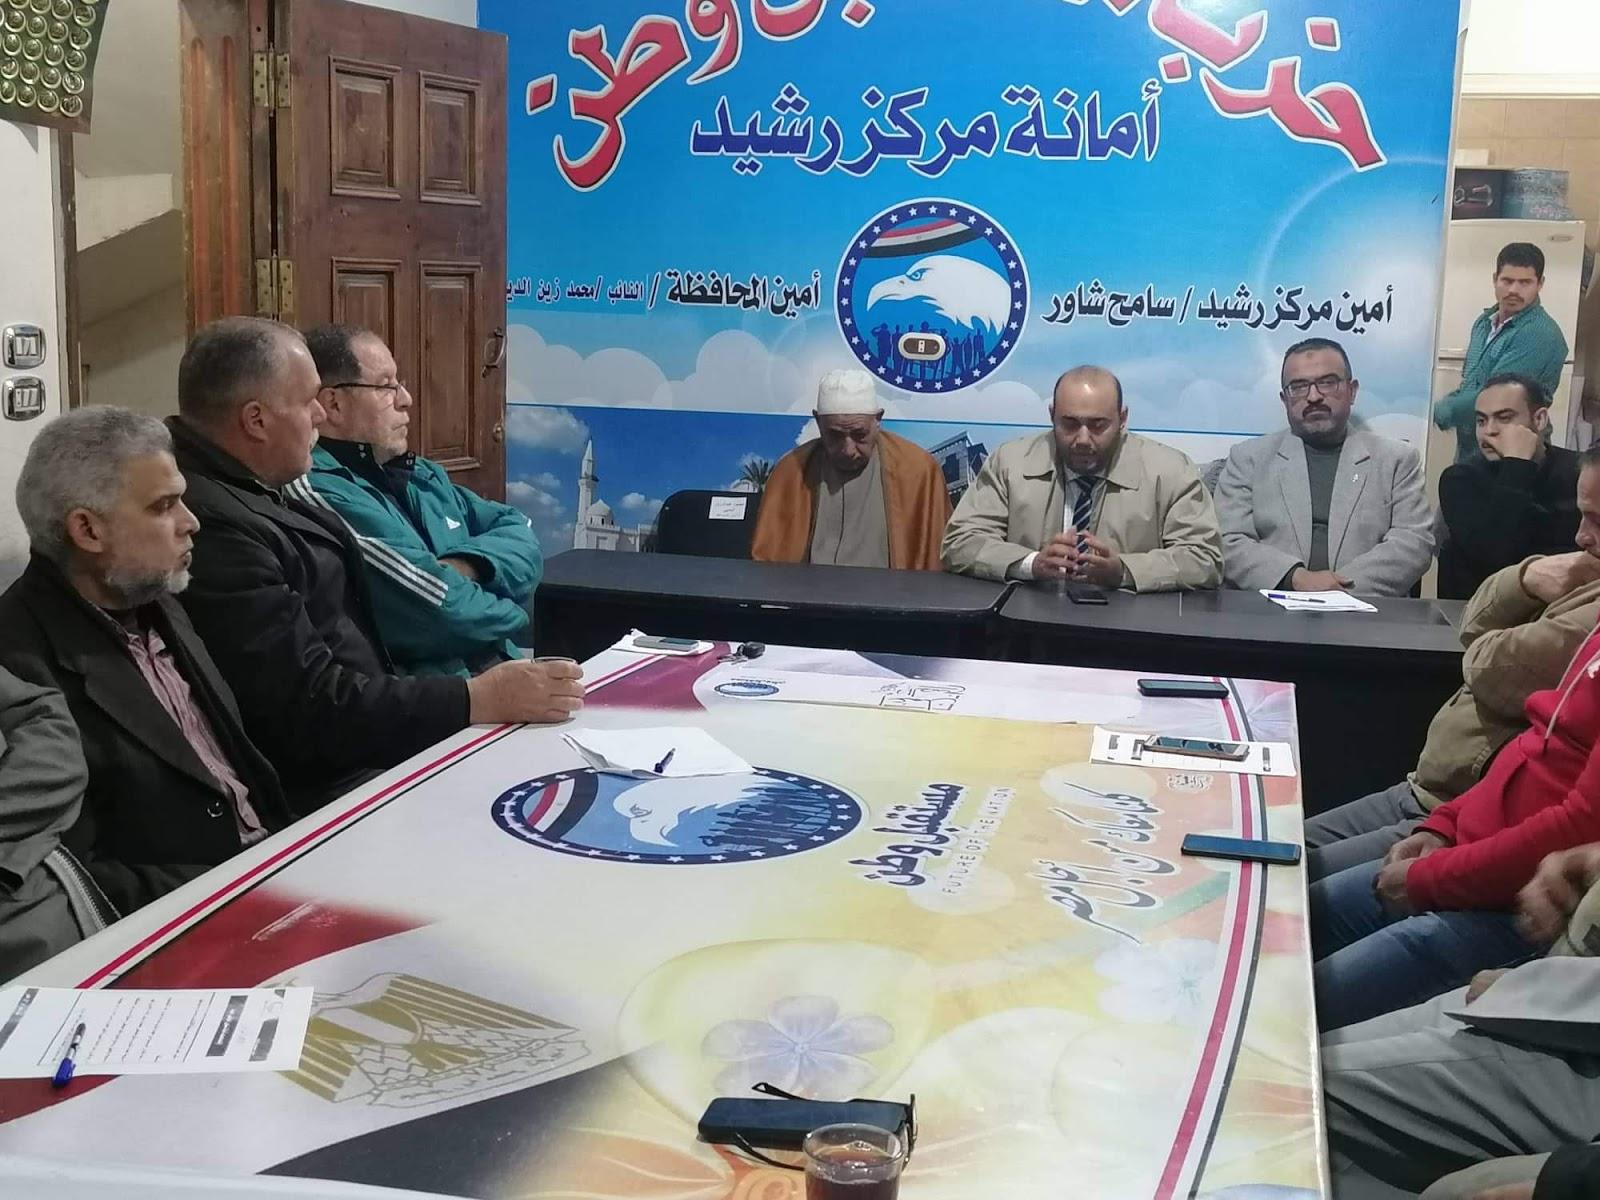 مناقشات سابقة وخطط مستقبلية وحساب لمقصر في إجتماع مستقبل وطن أمانة مركز رشيد